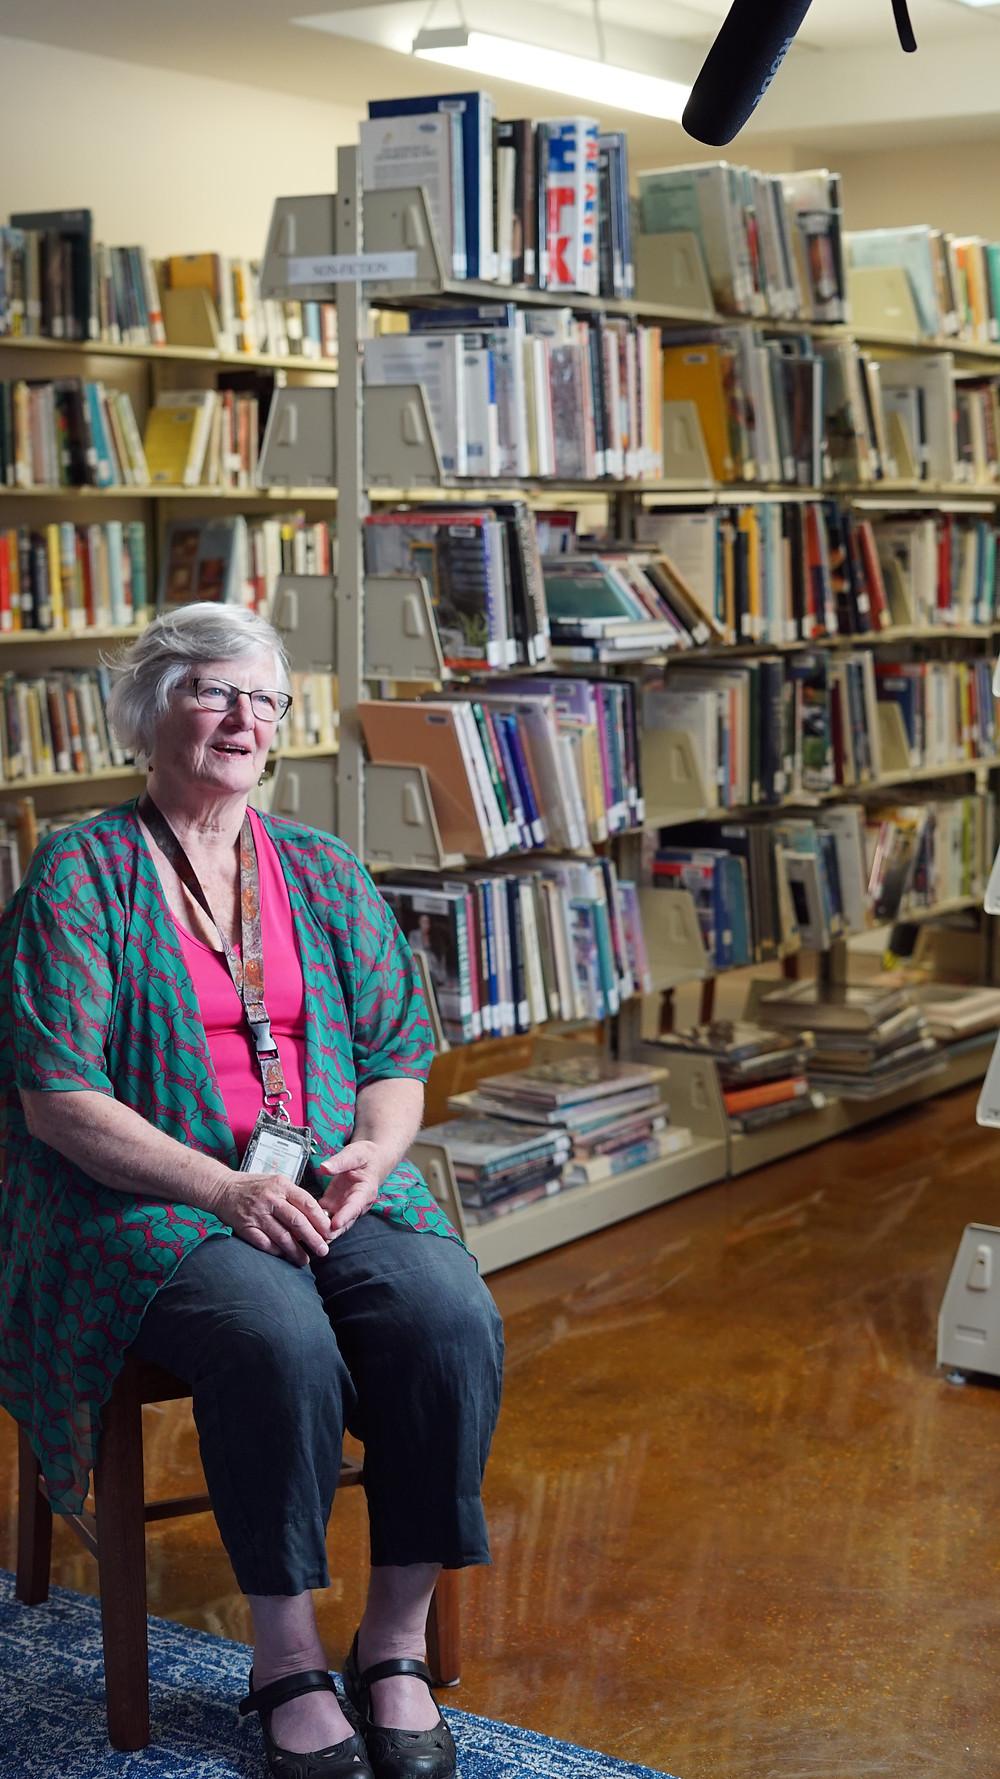 Molly, a librarian for Cedar Key's Library